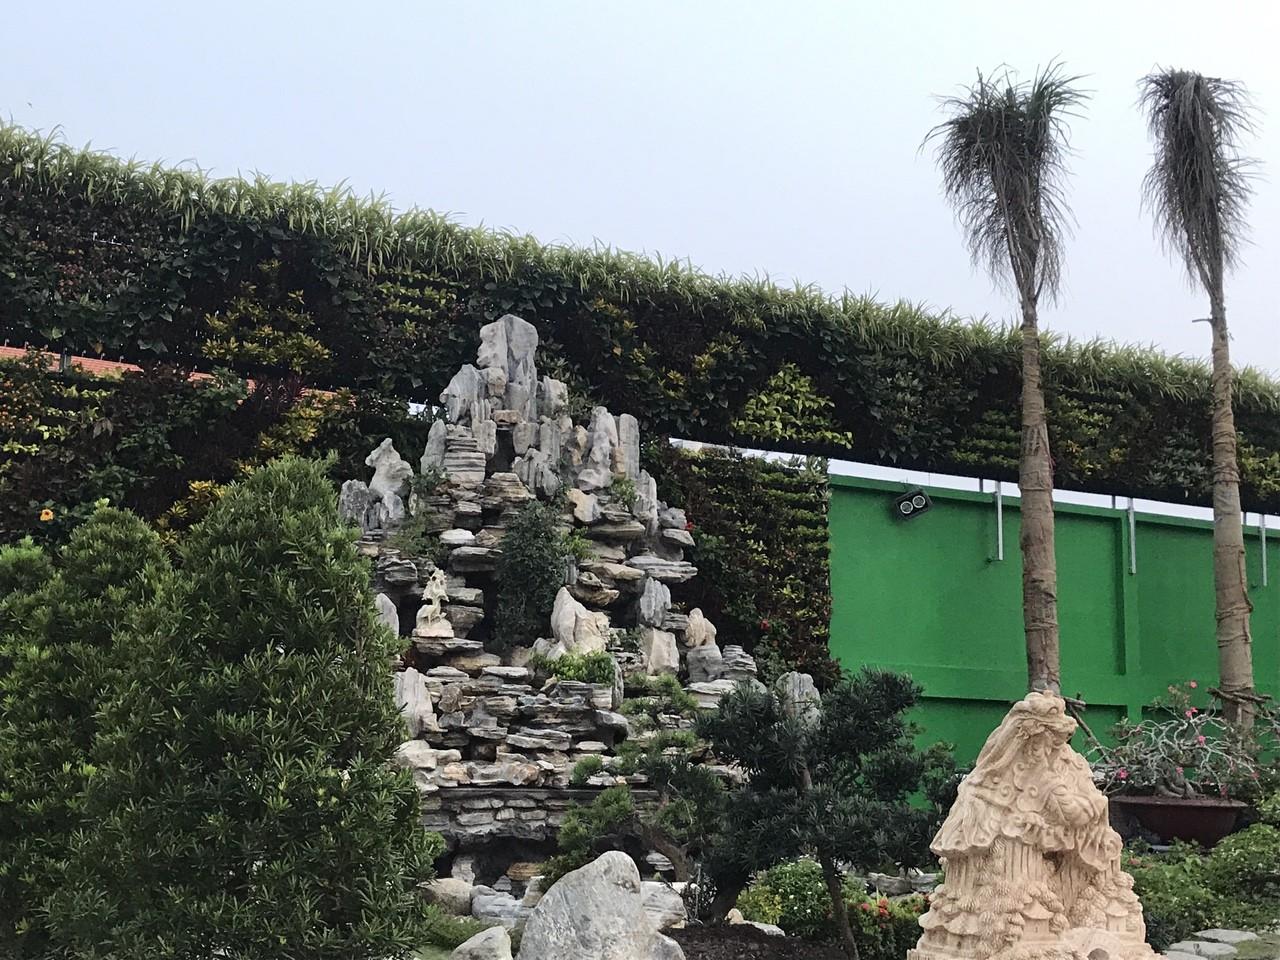 thi công vườn tường cây xanh